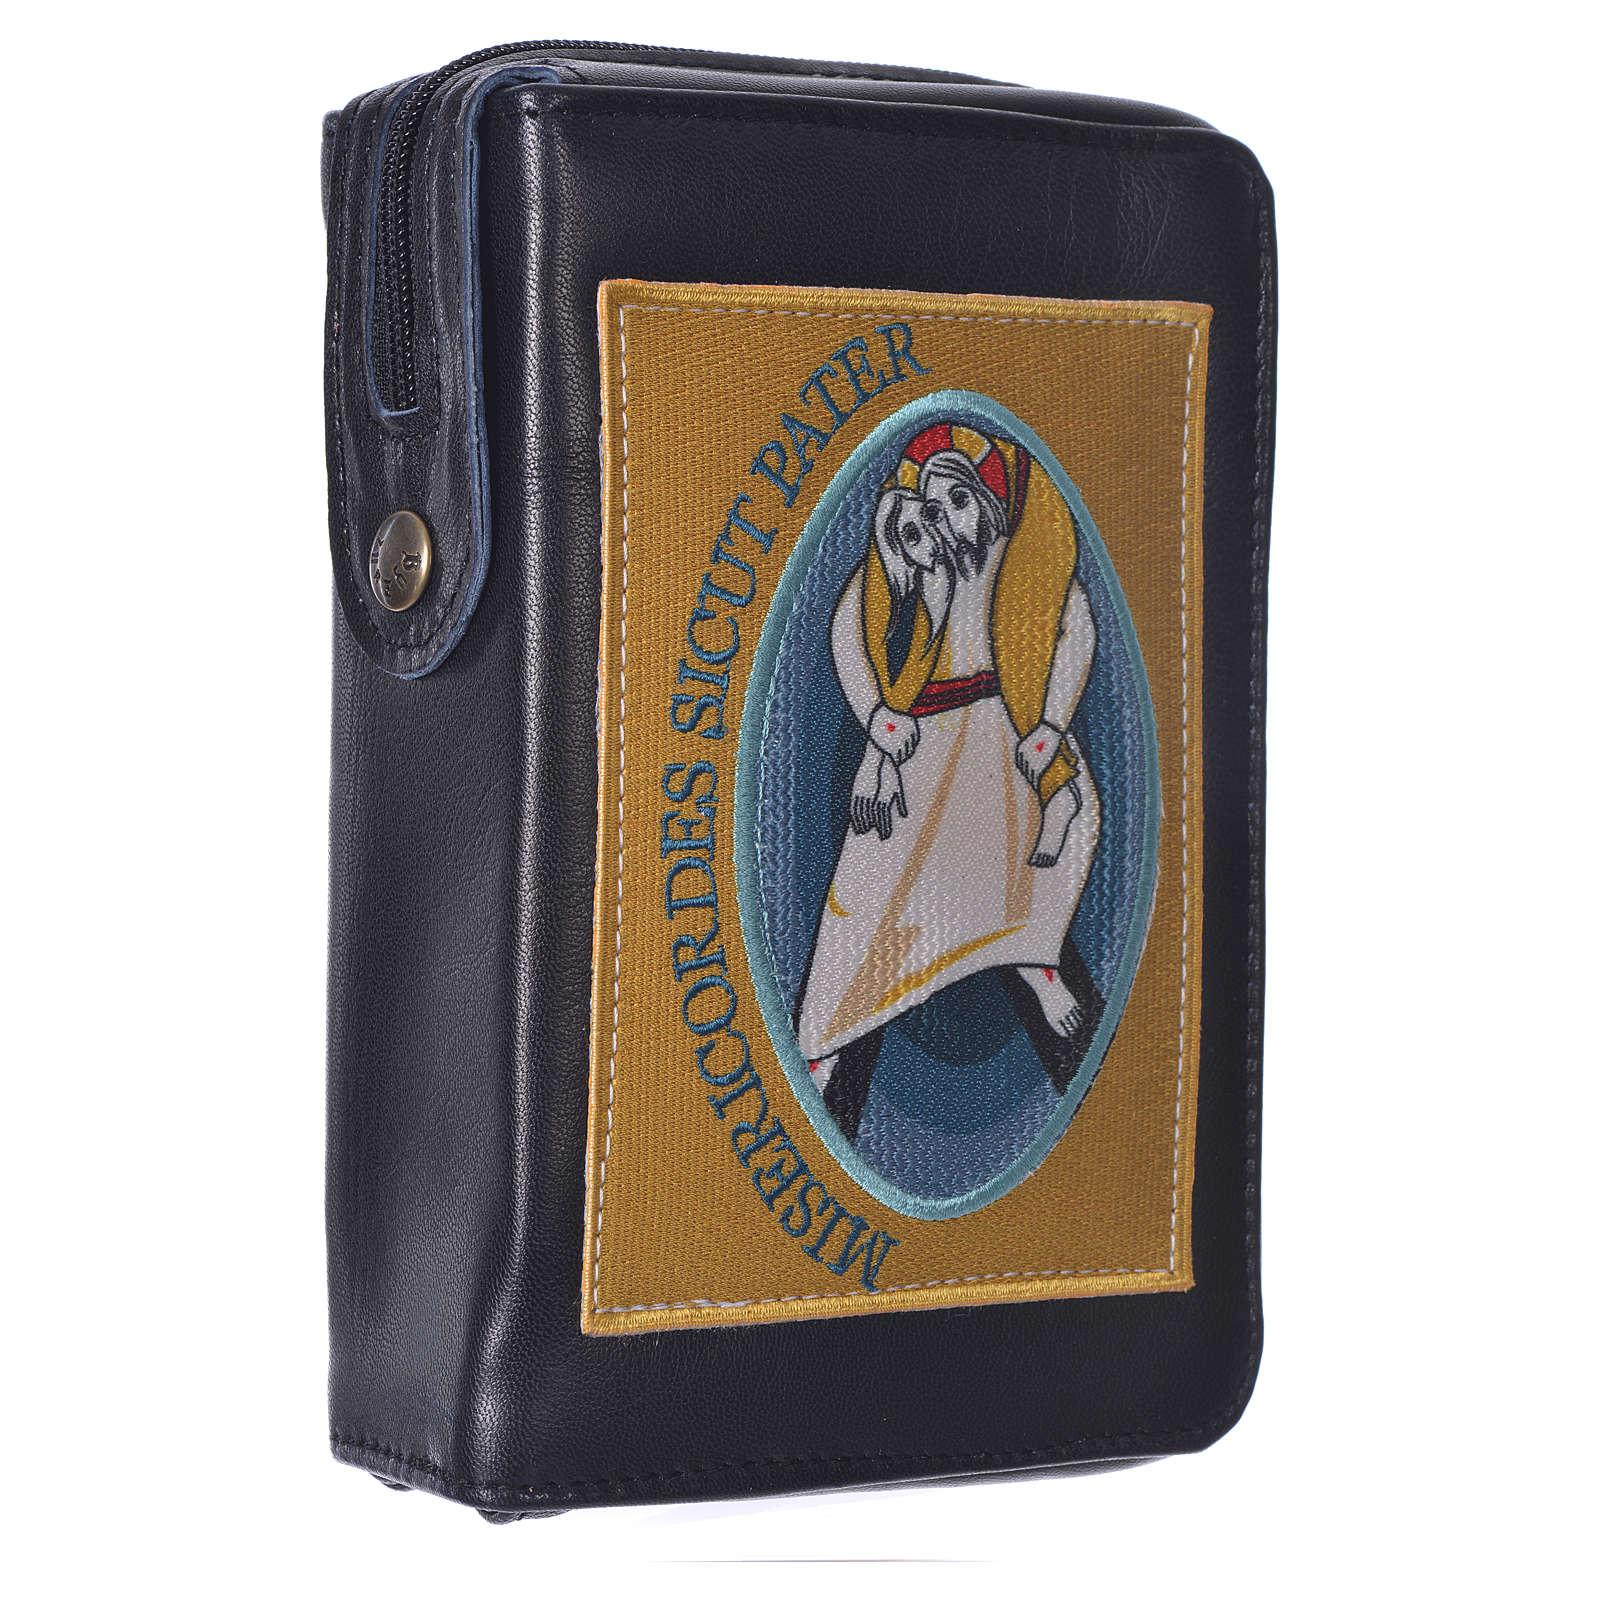 STOCK Couverture Liturgie heures 4 vol. Jubilé Miséricorde noir 4